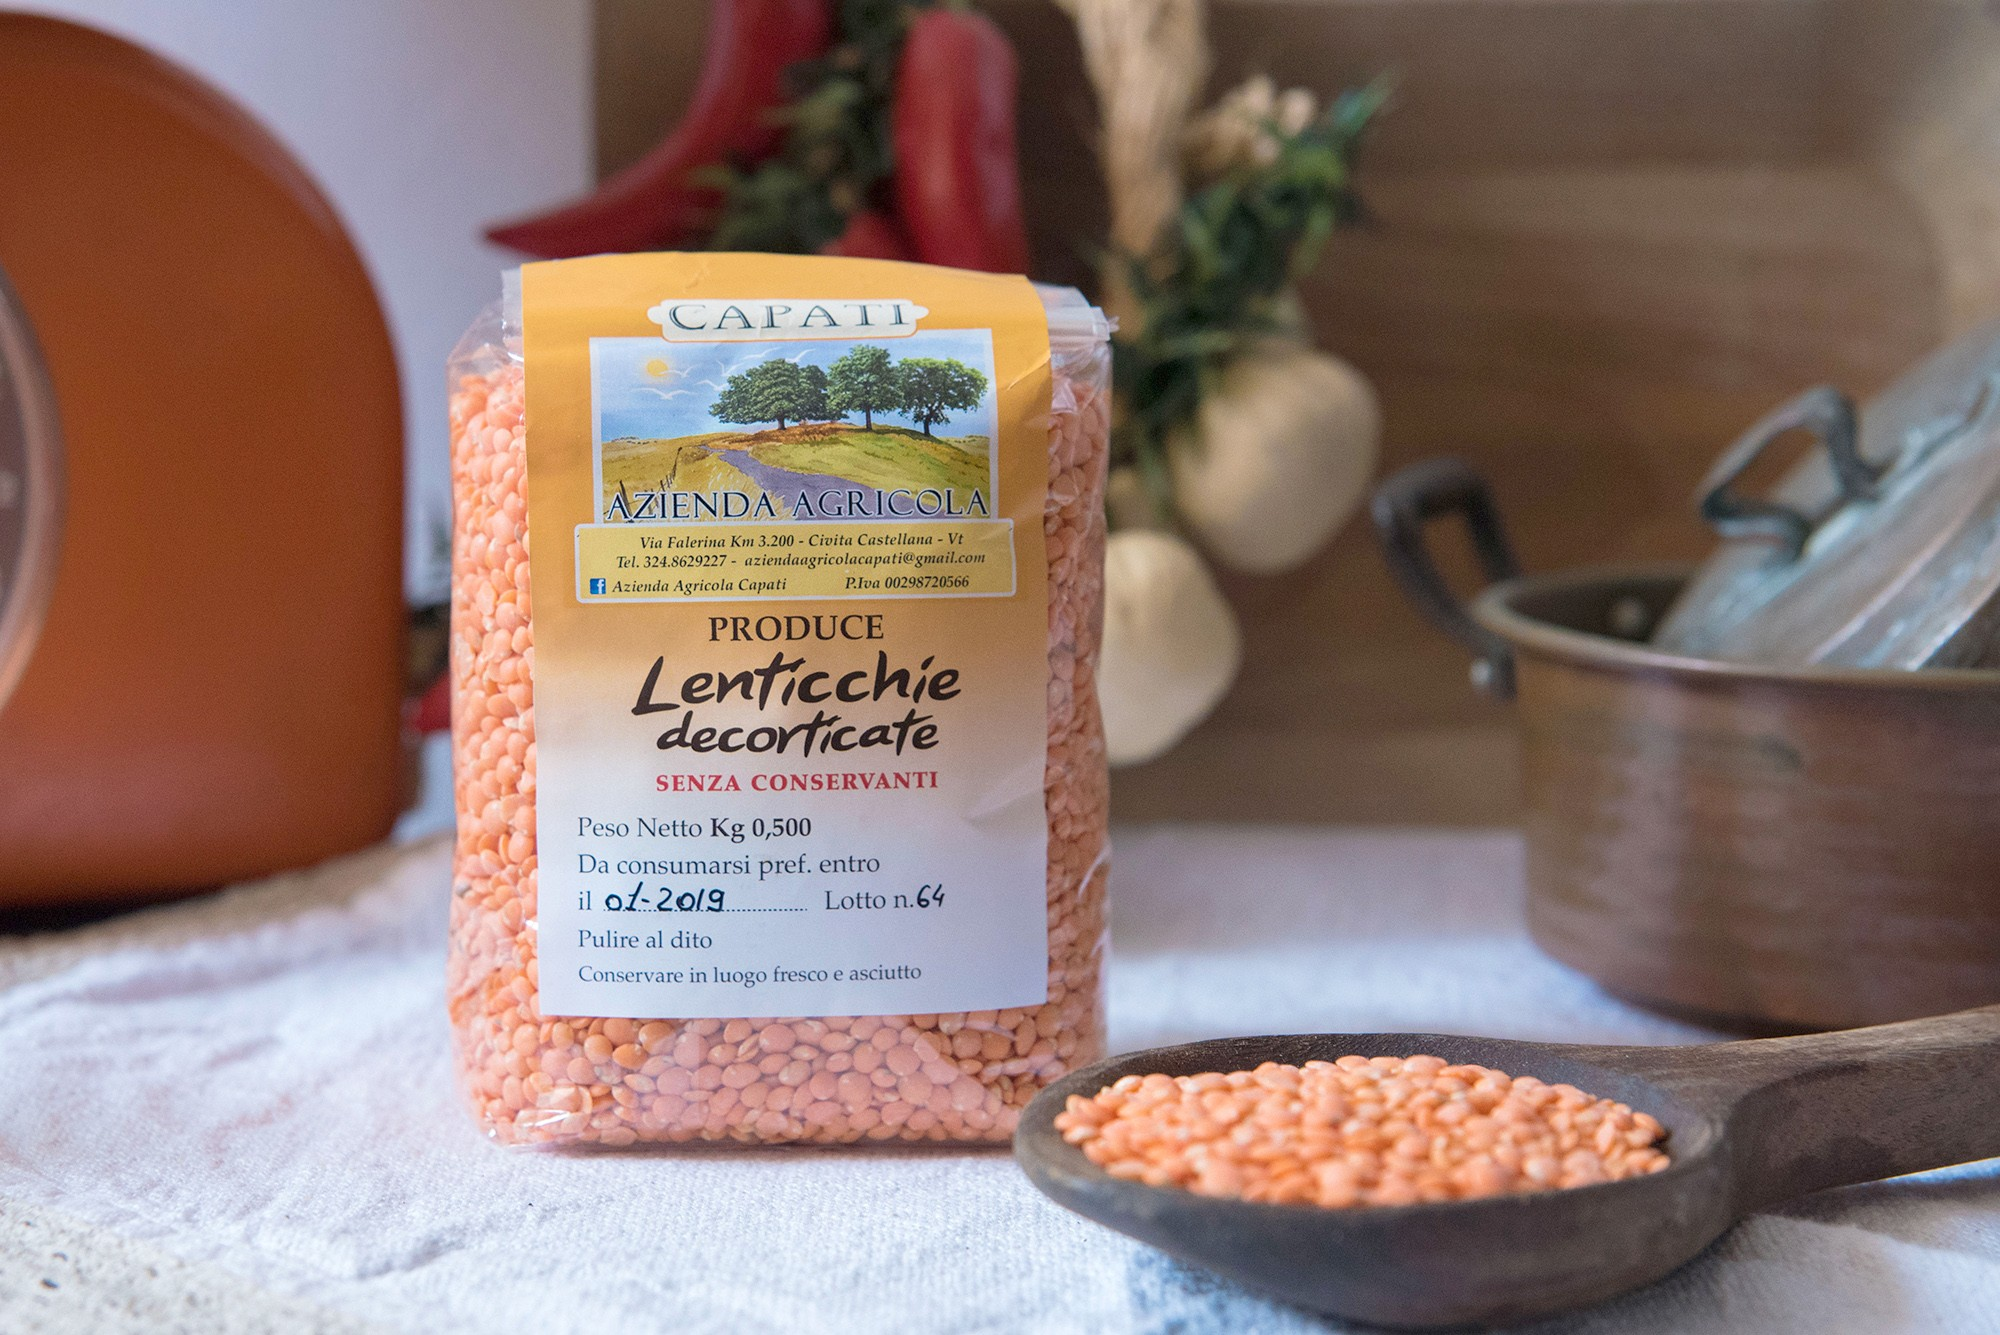 Lenticchie Decorticate - 500gr - Azienda Agricola Capati